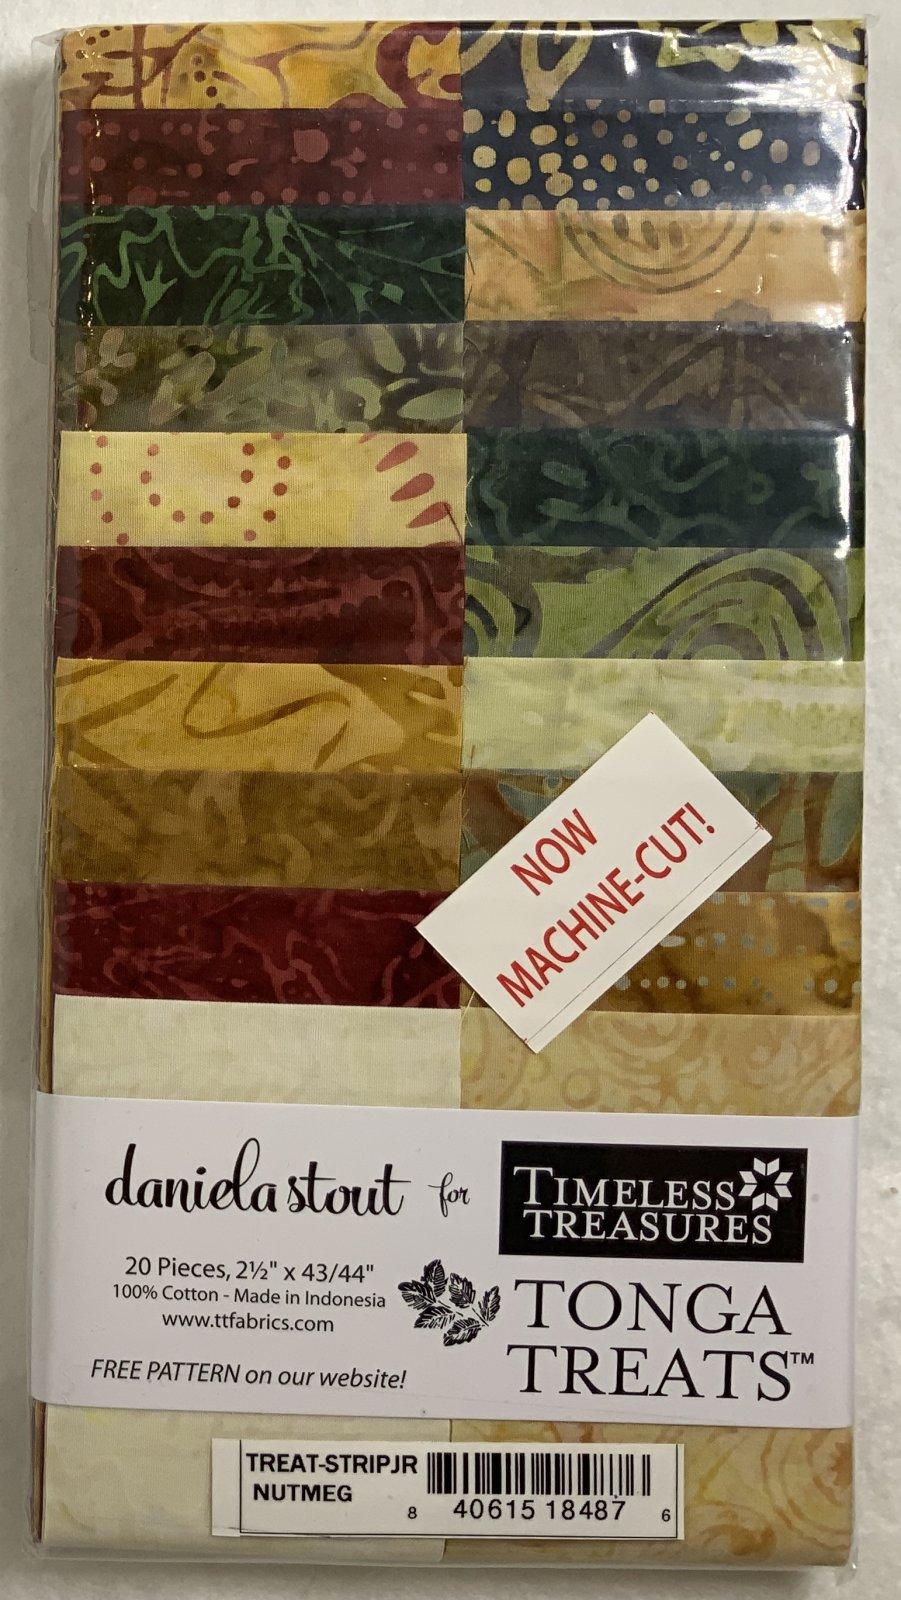 Tonga Treat Strip JR Nutmeg, (20 pcs 2.5 x44) - Daniela Stout - Timeless Treasures